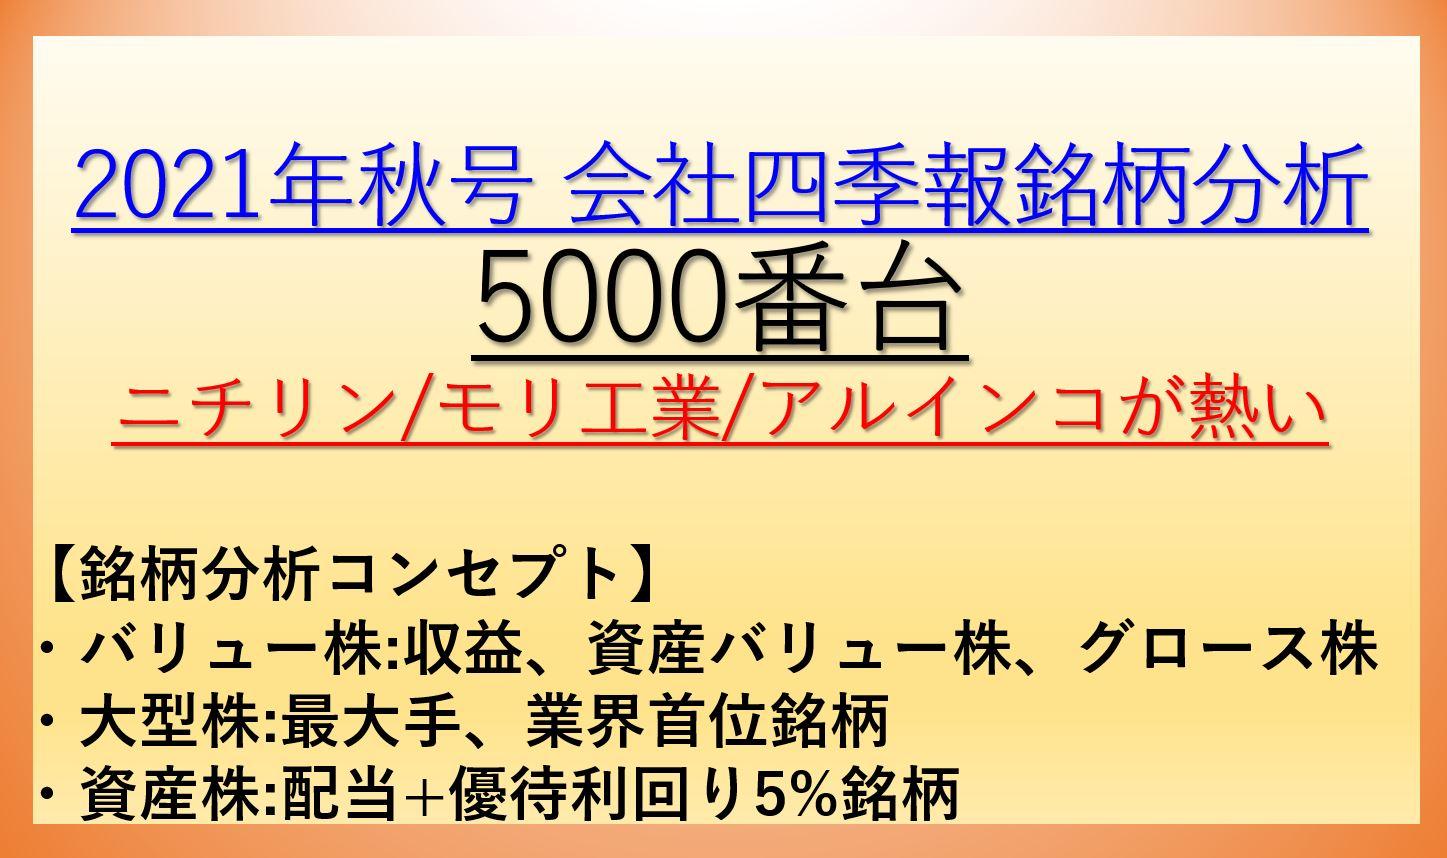 2021年秋号会社四季報銘柄分析-5000番台